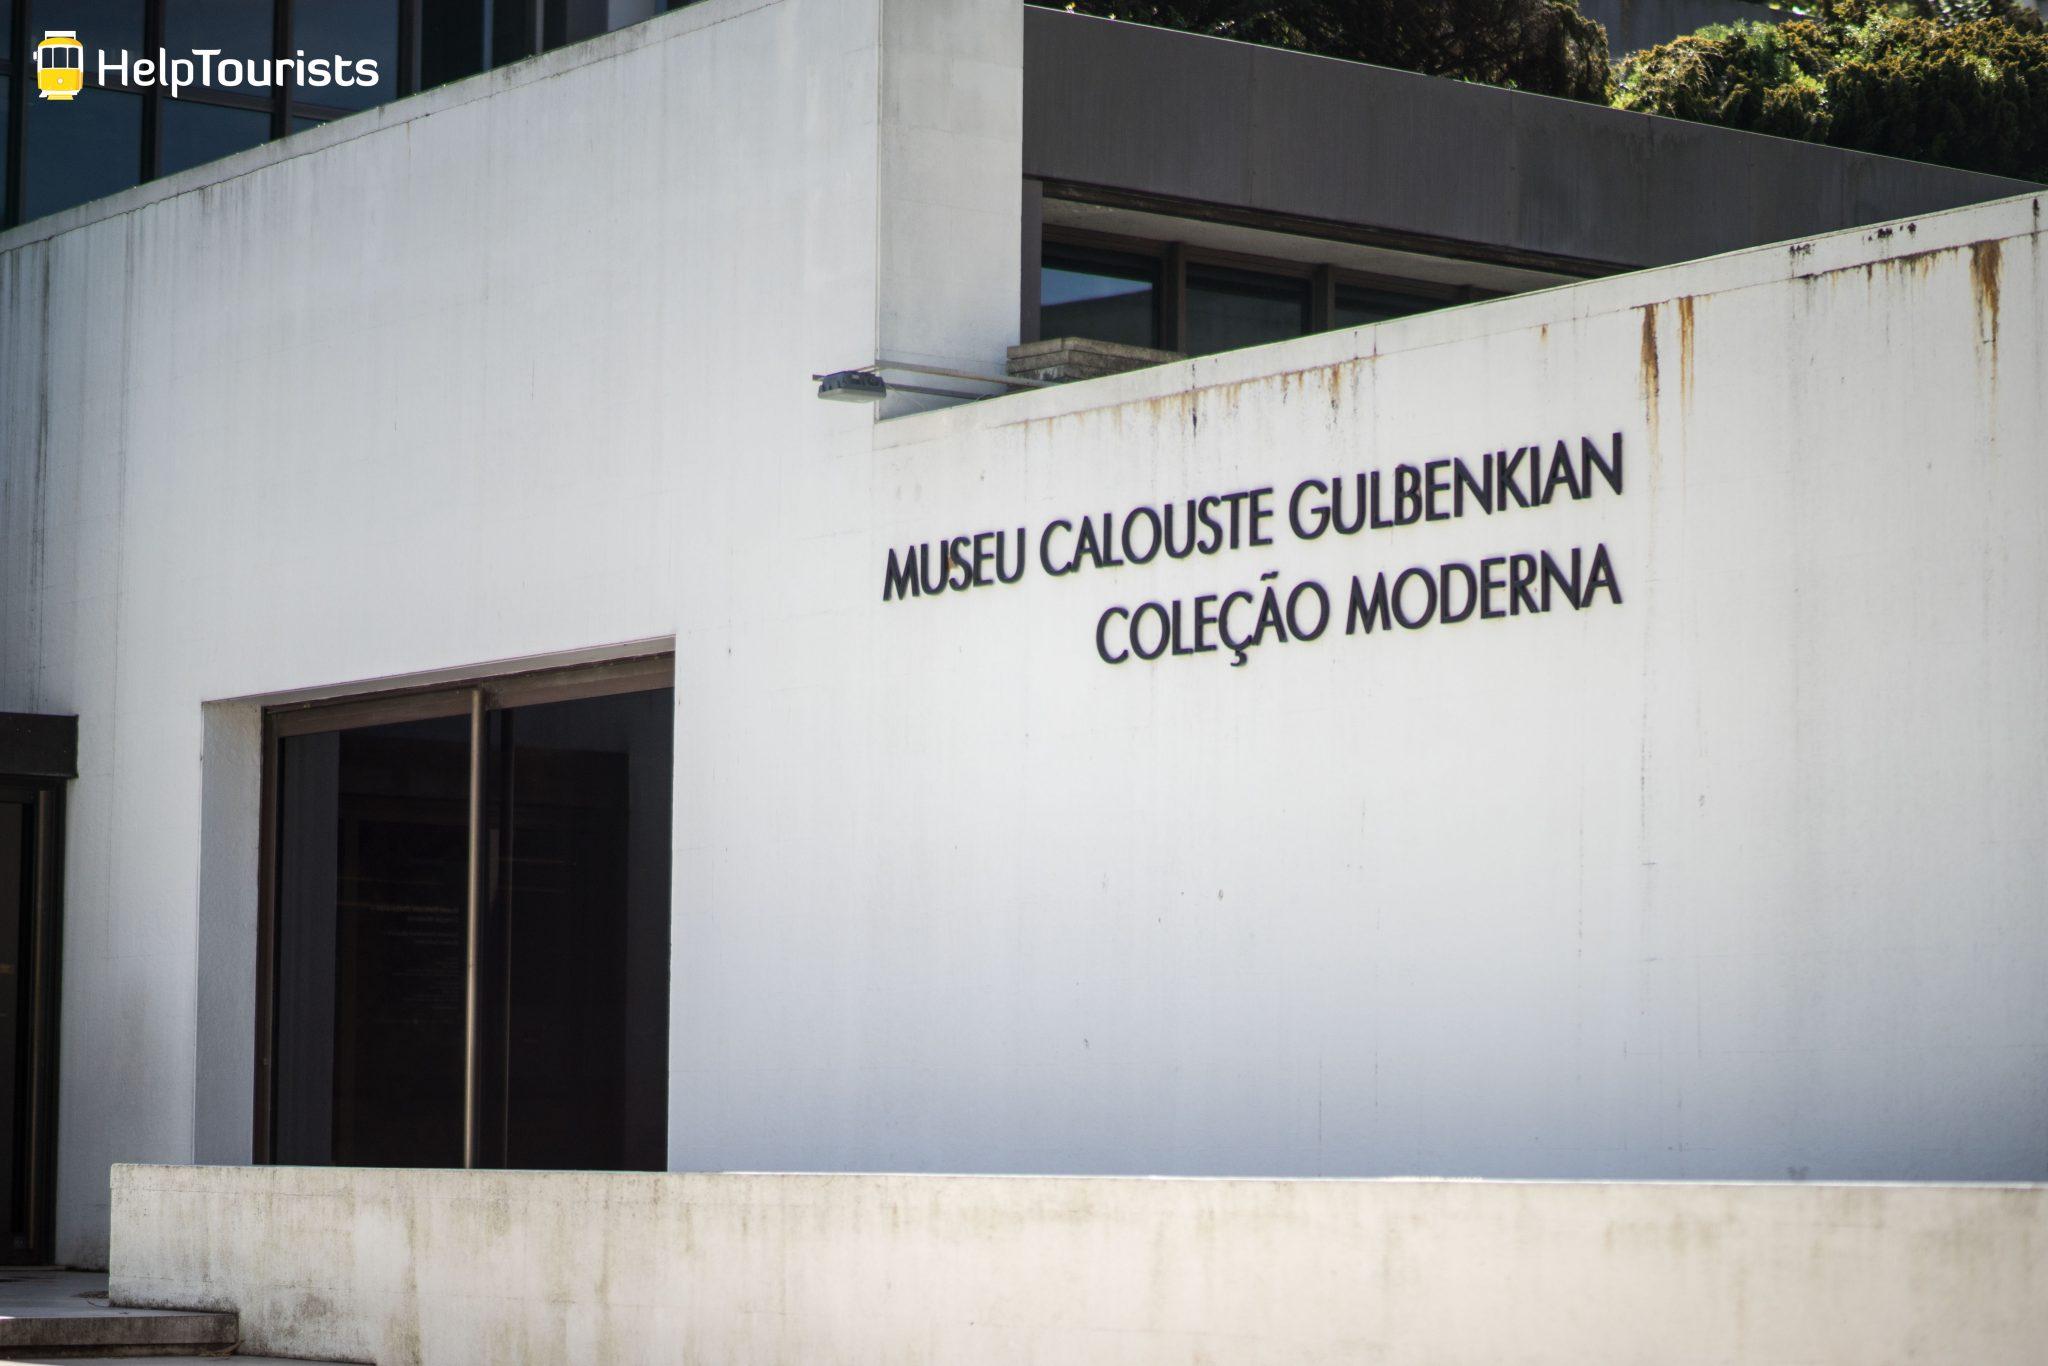 Lissabon_Museu-Calouste-Gulbenkian_aussen_Schild